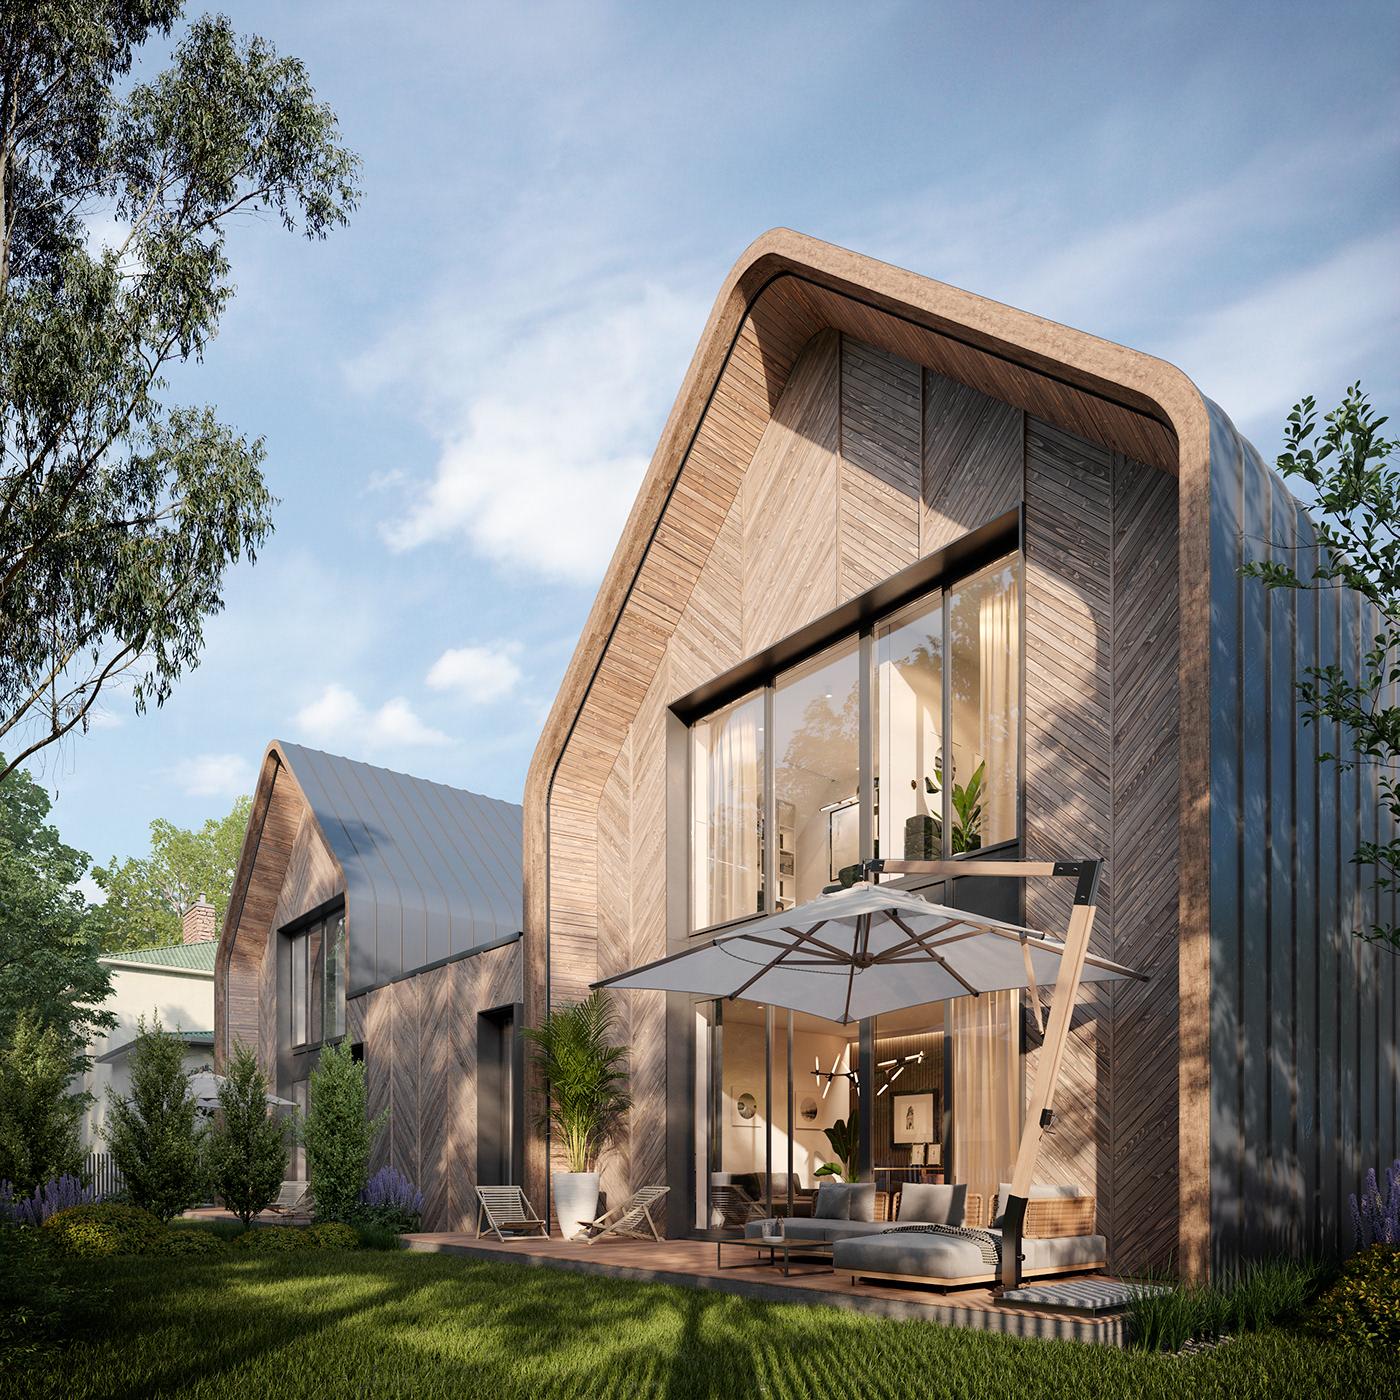 architecture archviz design exterior Render